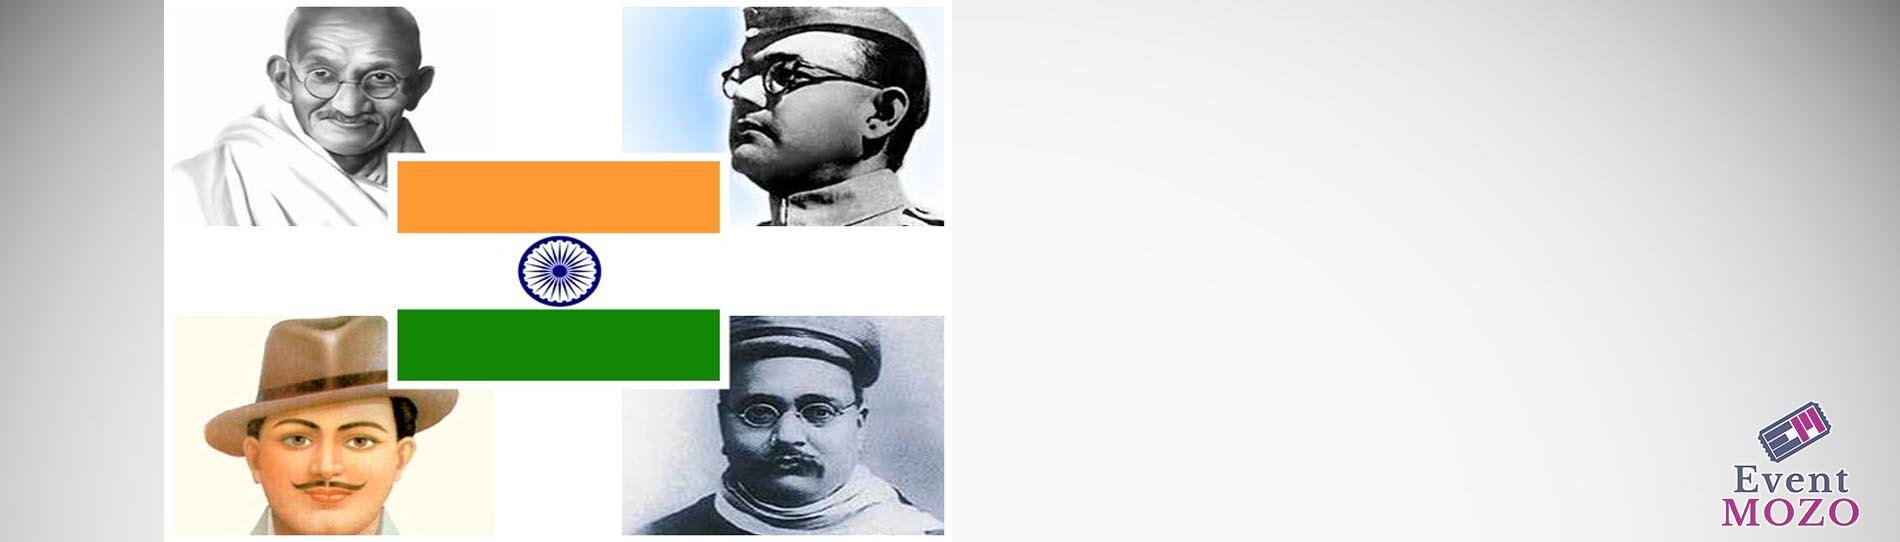 EventMozo Freedom of India - the Indian Independence Freedom Struggle